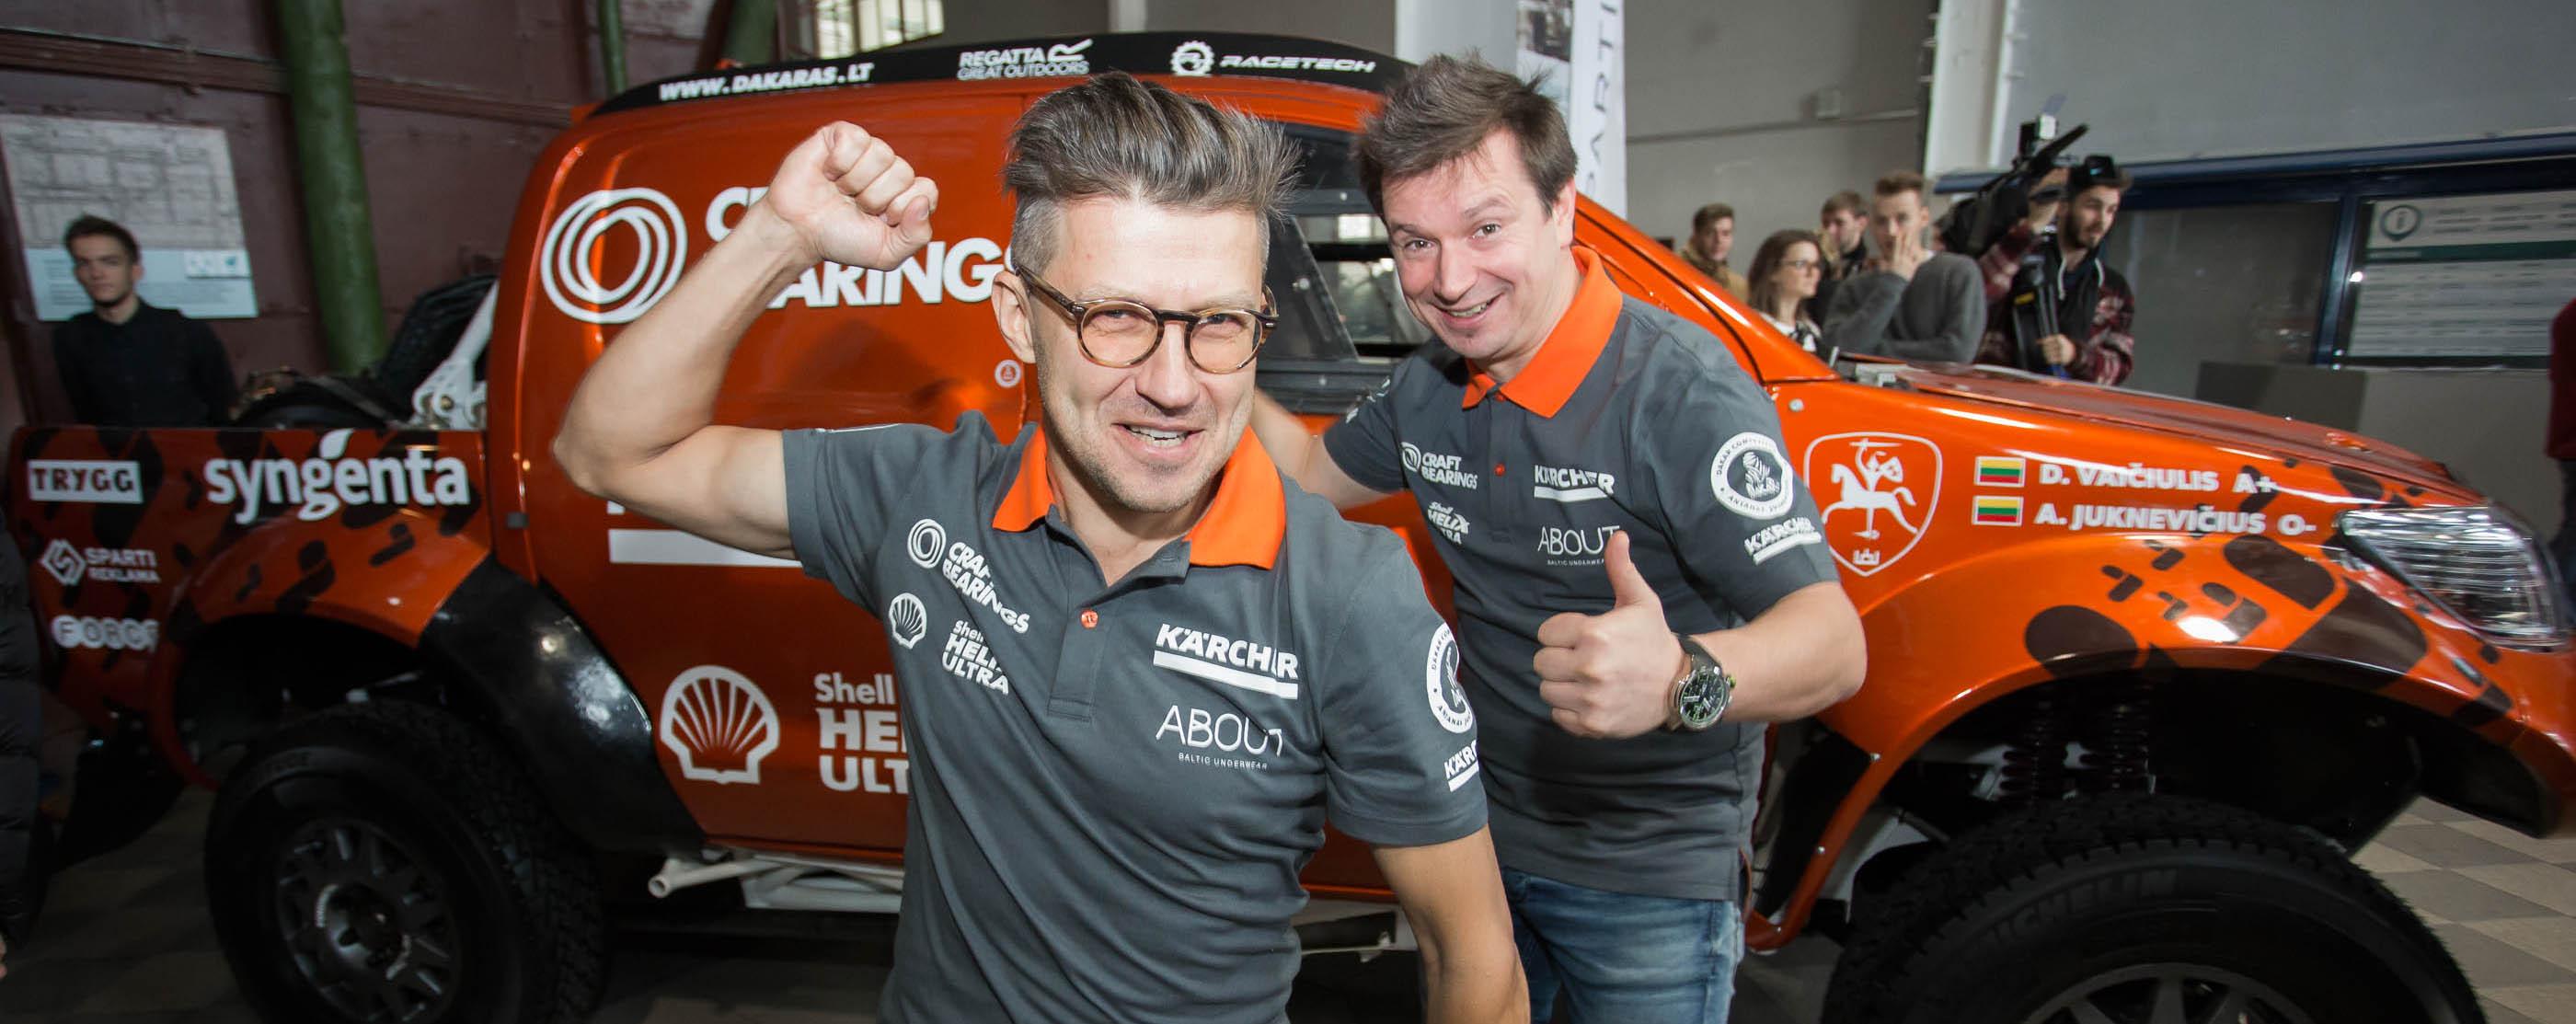 Oficialiai pristatyta Antano Juknevičiaus komanda ir Dakaro automobilis